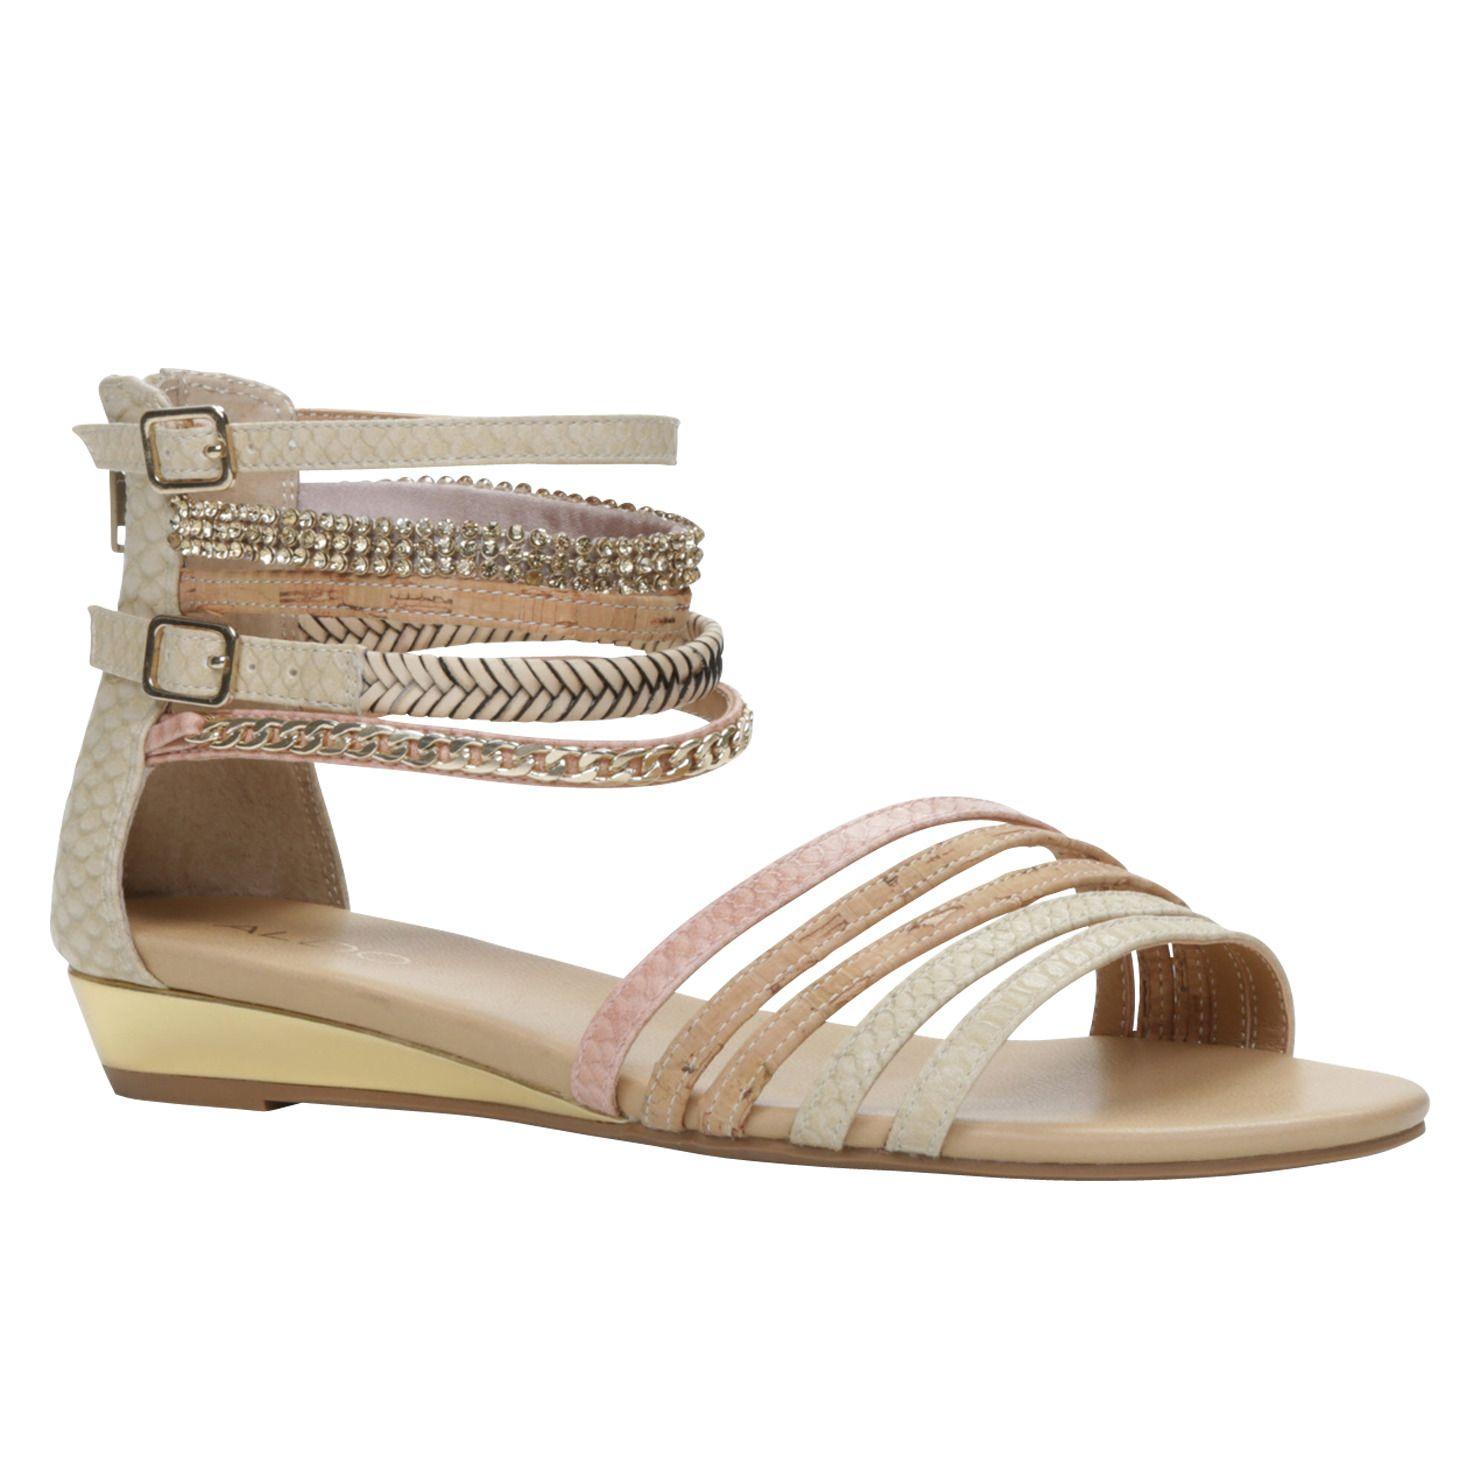 Bridal Shoes Aldo: Women's Flats Sandals For Sale At